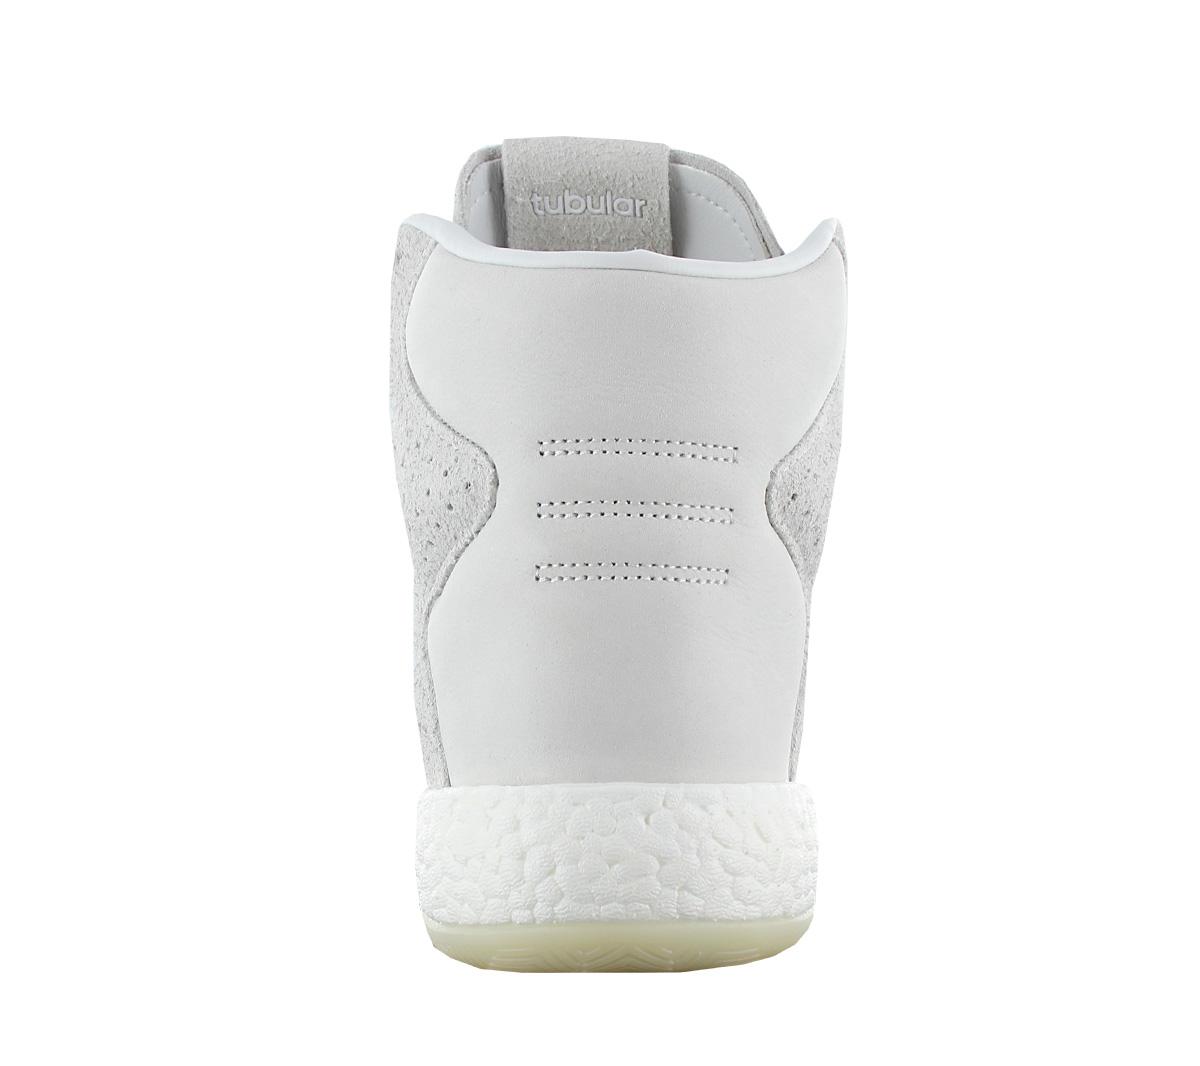 promo code 5ab89 e42af adidas Tubular Instinct Boost BB8947